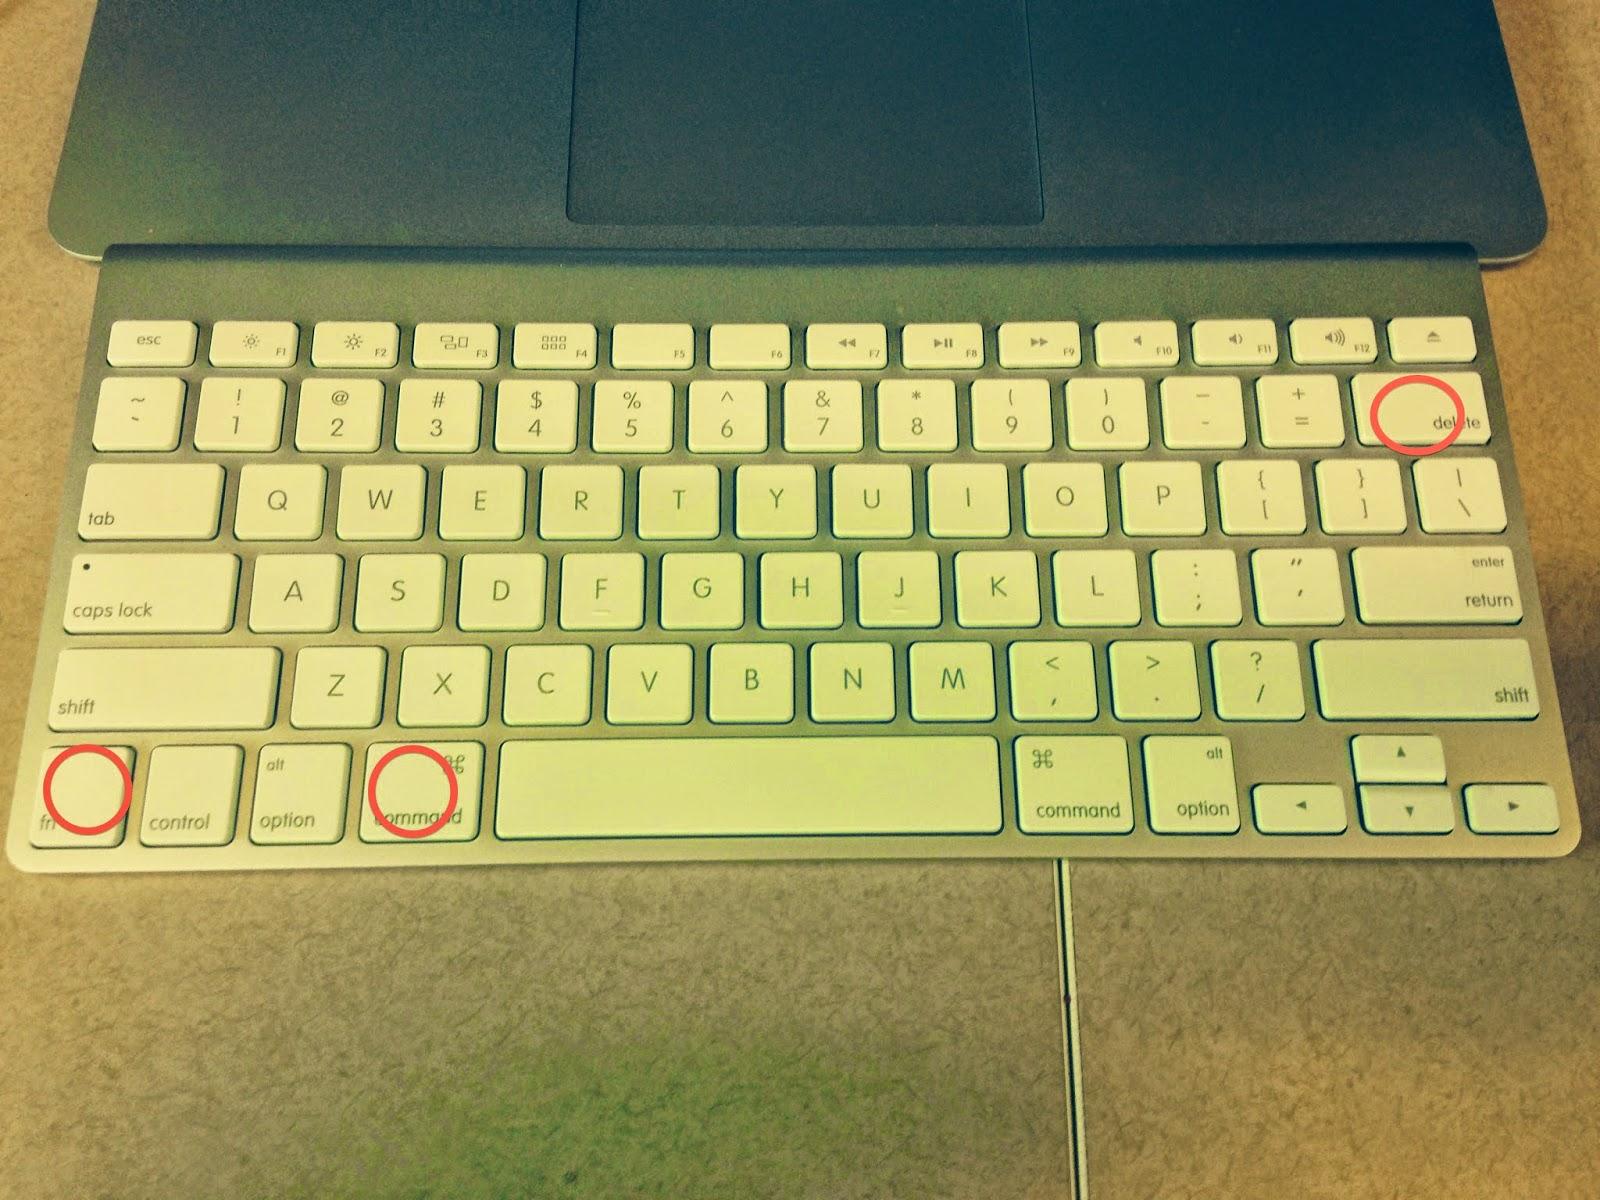 ctrl alt del mac keyboard